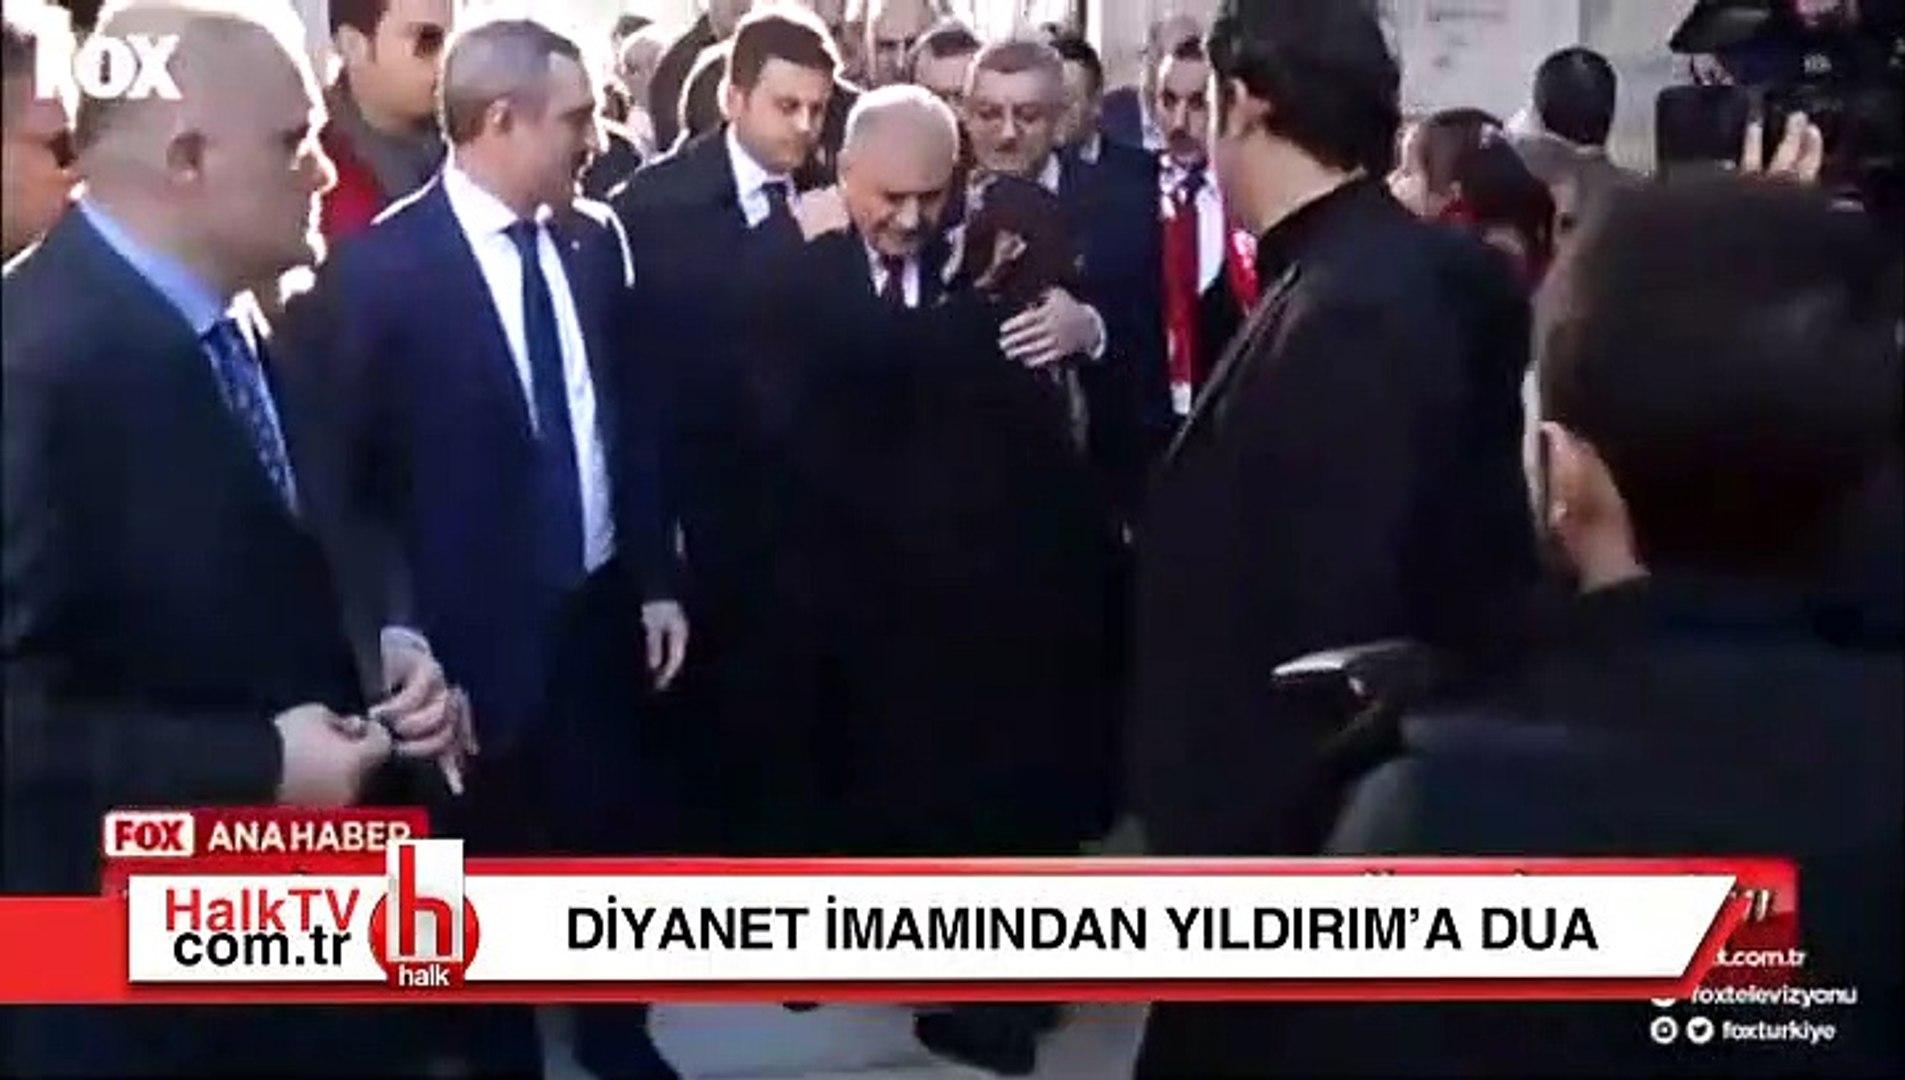 AKP'nin İstanbul Büyükşehir Belediye başkan adayı Binali Yıldırım, İstanbul'a geldikten so